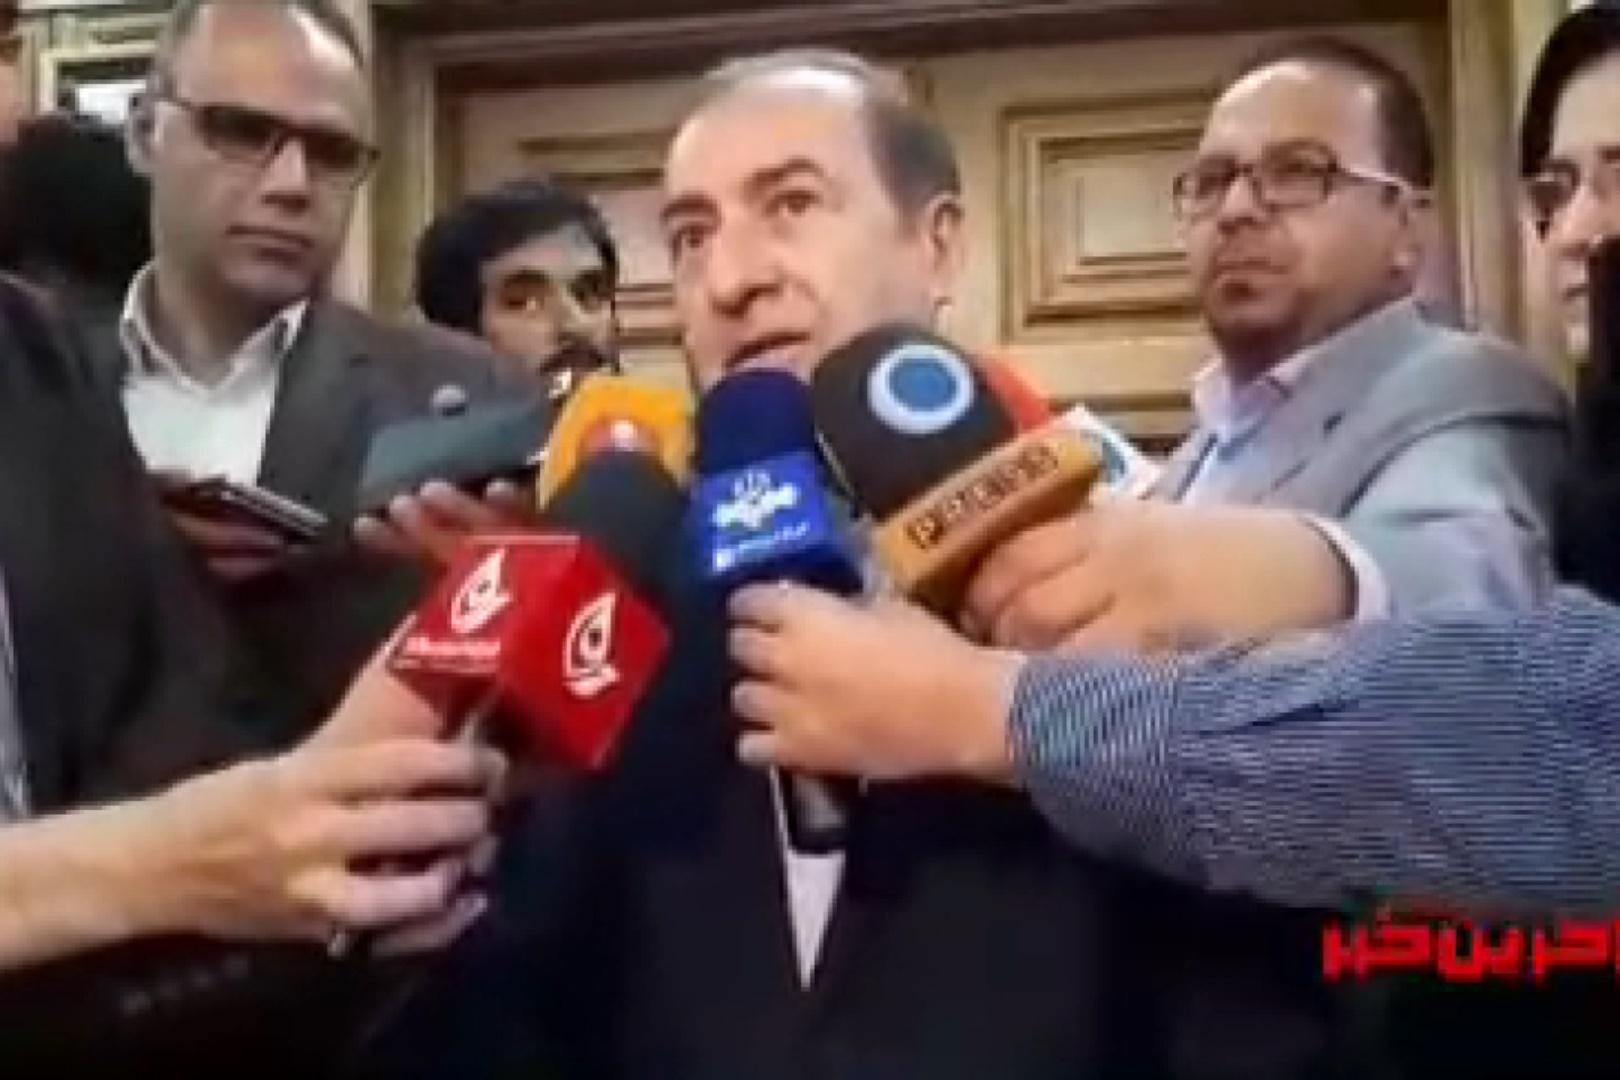 فیلم | توضیحات الویری درباره انتخاب شهردار تهران